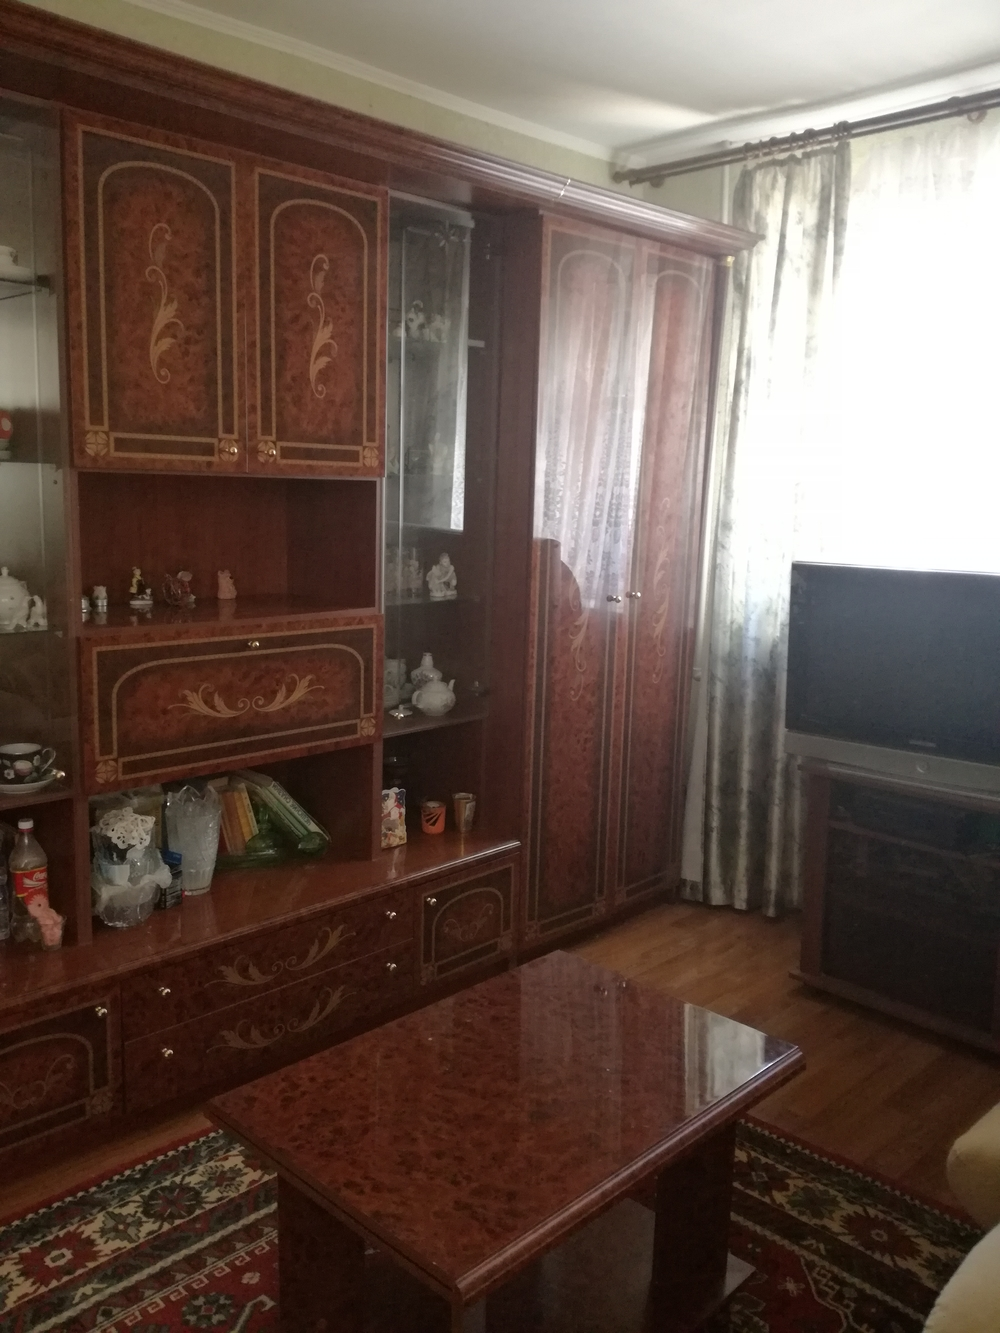 Продам 1-комнатную квартиру в городе Саратов, на улице Лермонтова, 9, 3-этаж 5-этажного Кирпич дома, площадь: 31/18/5 м2